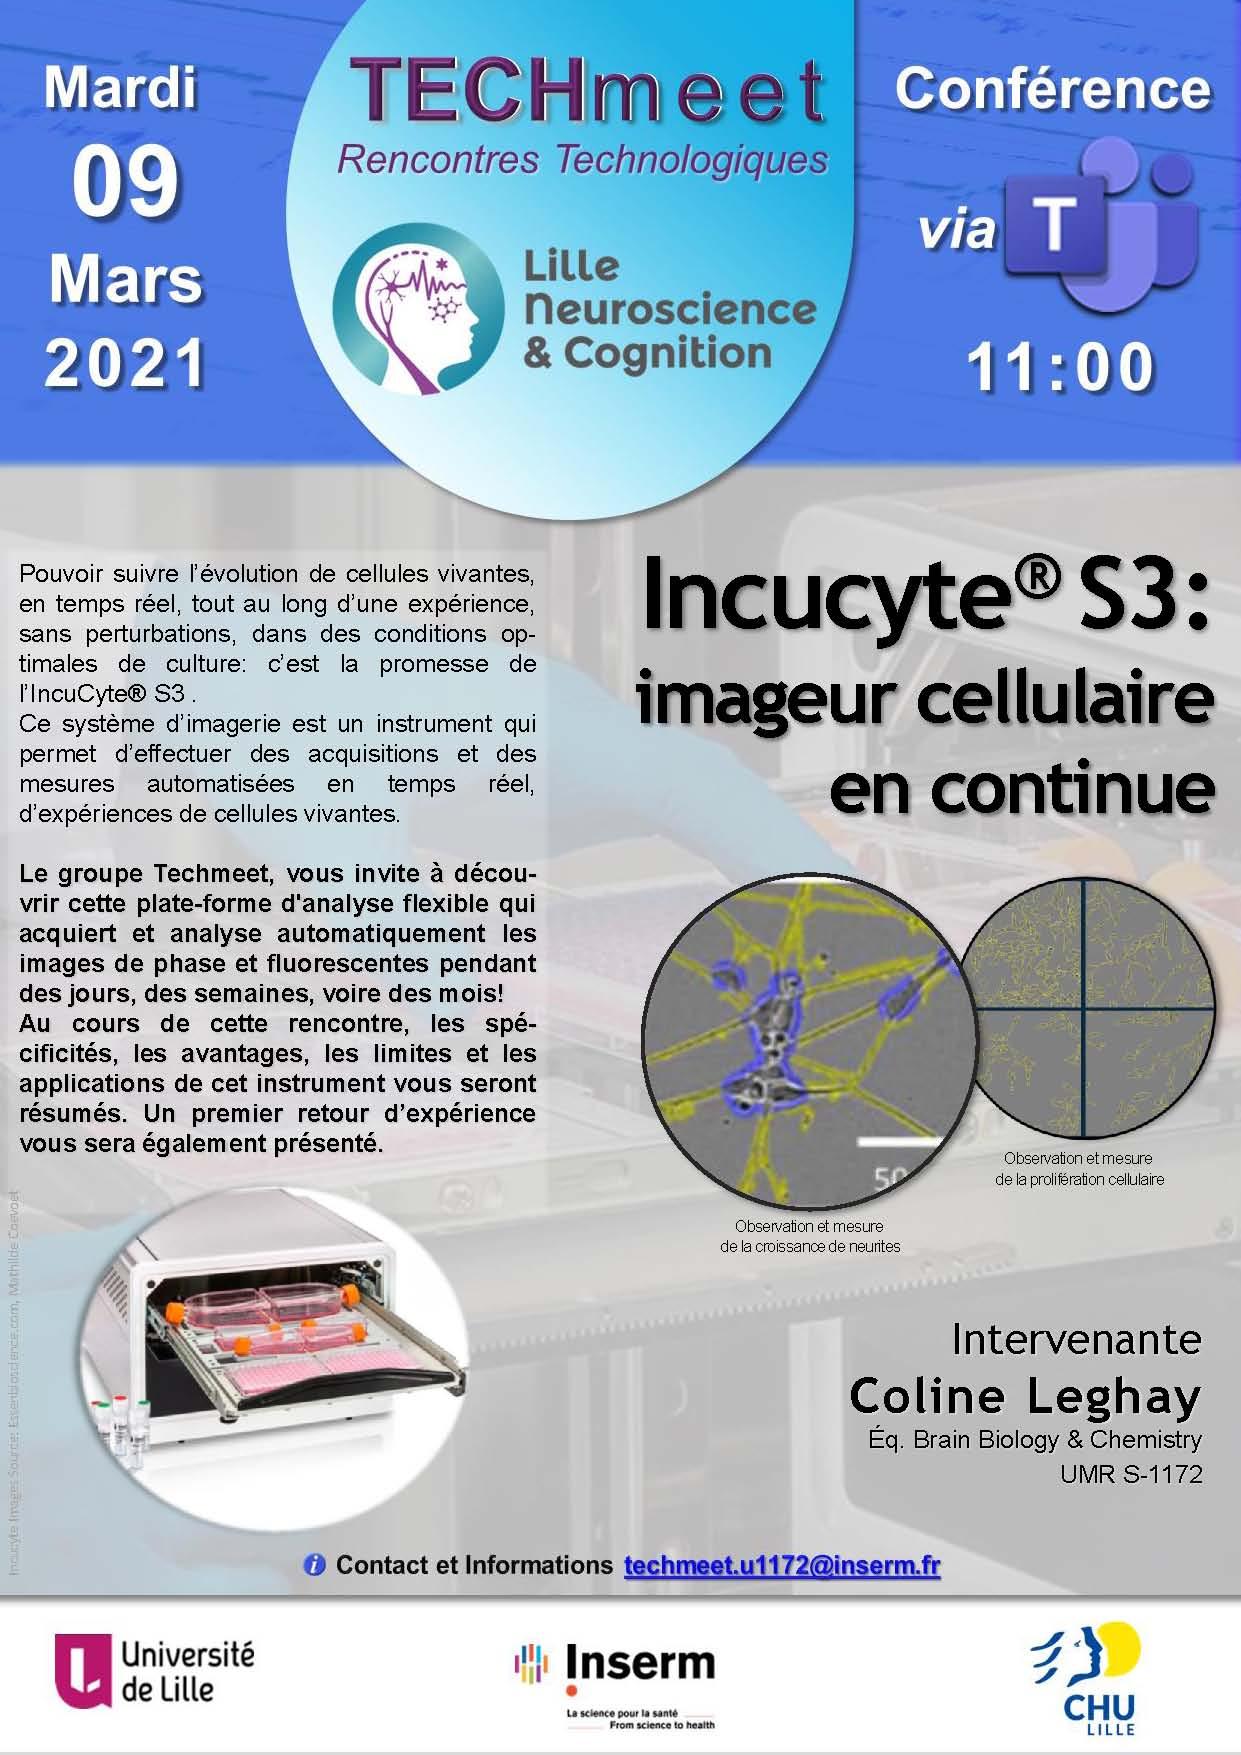 Techmeet 3_ Incucyte S3 imageur cellulaire en continu